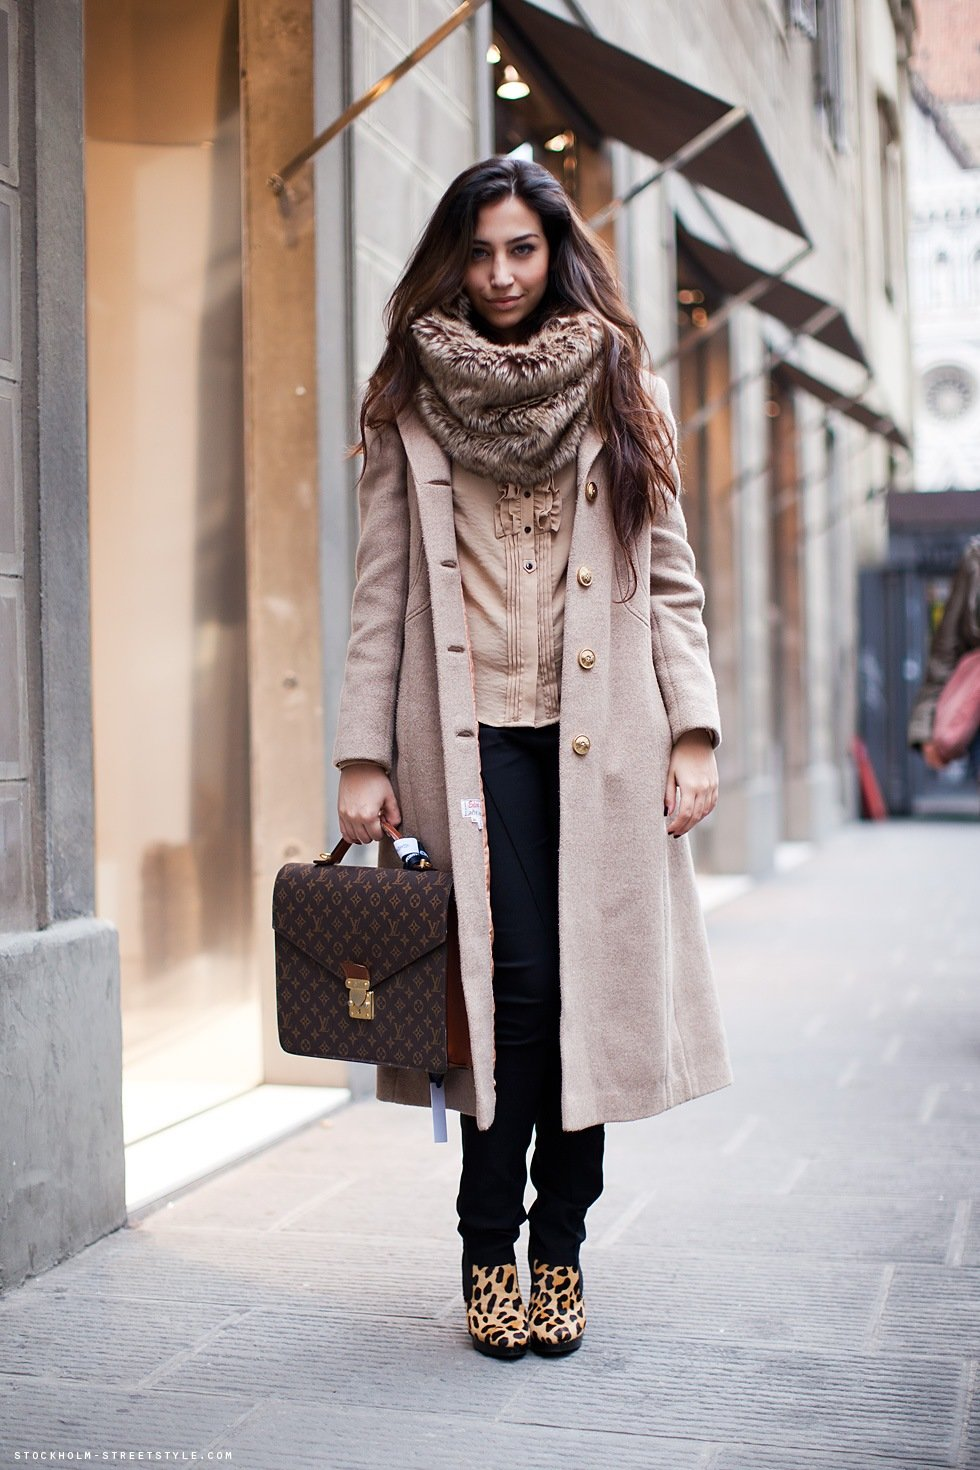 цвет объекта шарфы зимние под пальто фото тому, что большая